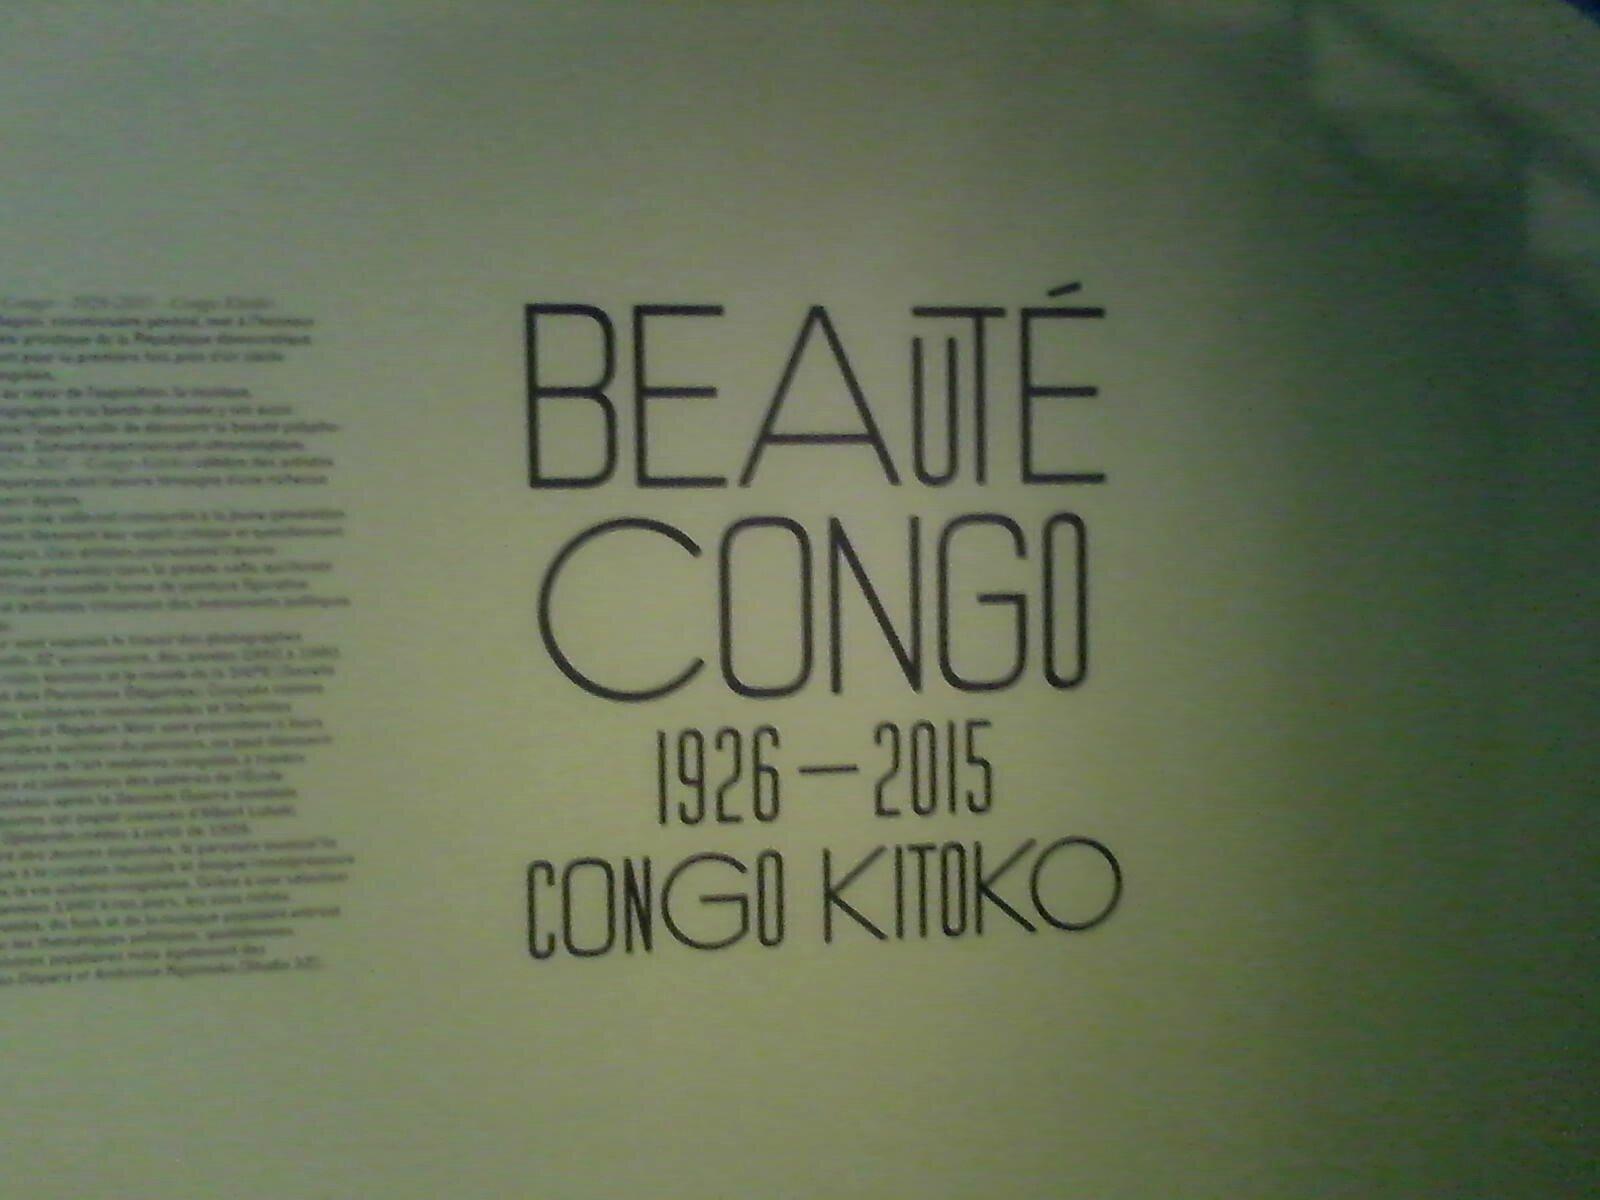 CONGO KITOKO